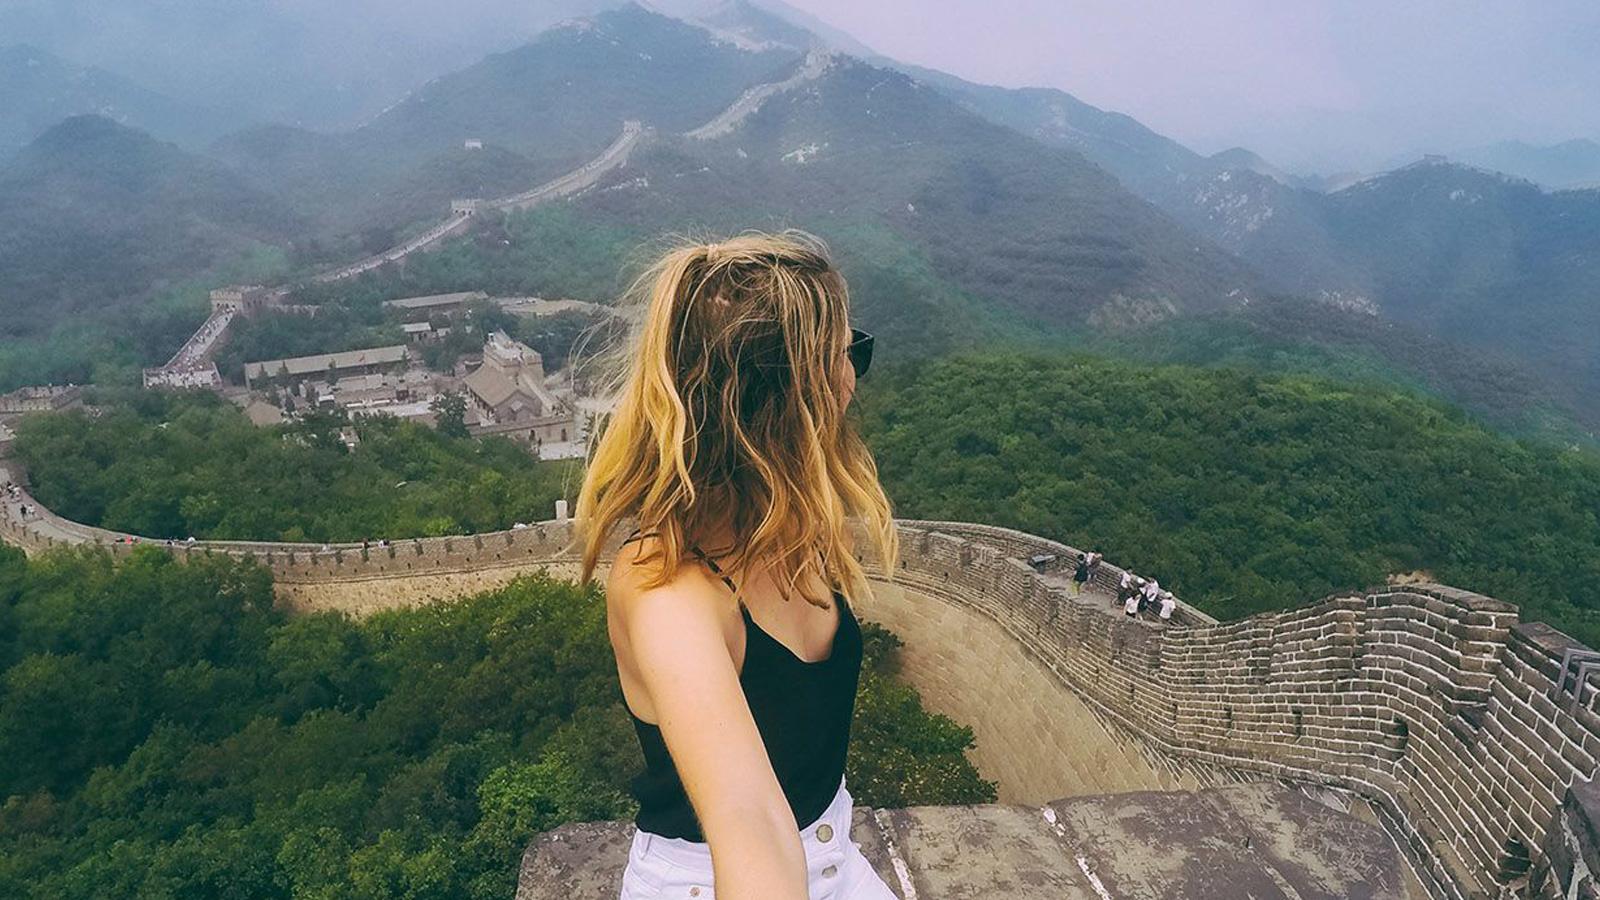 China Abenteuerreise Deluxe Reisen für junge Leute traveljunkie